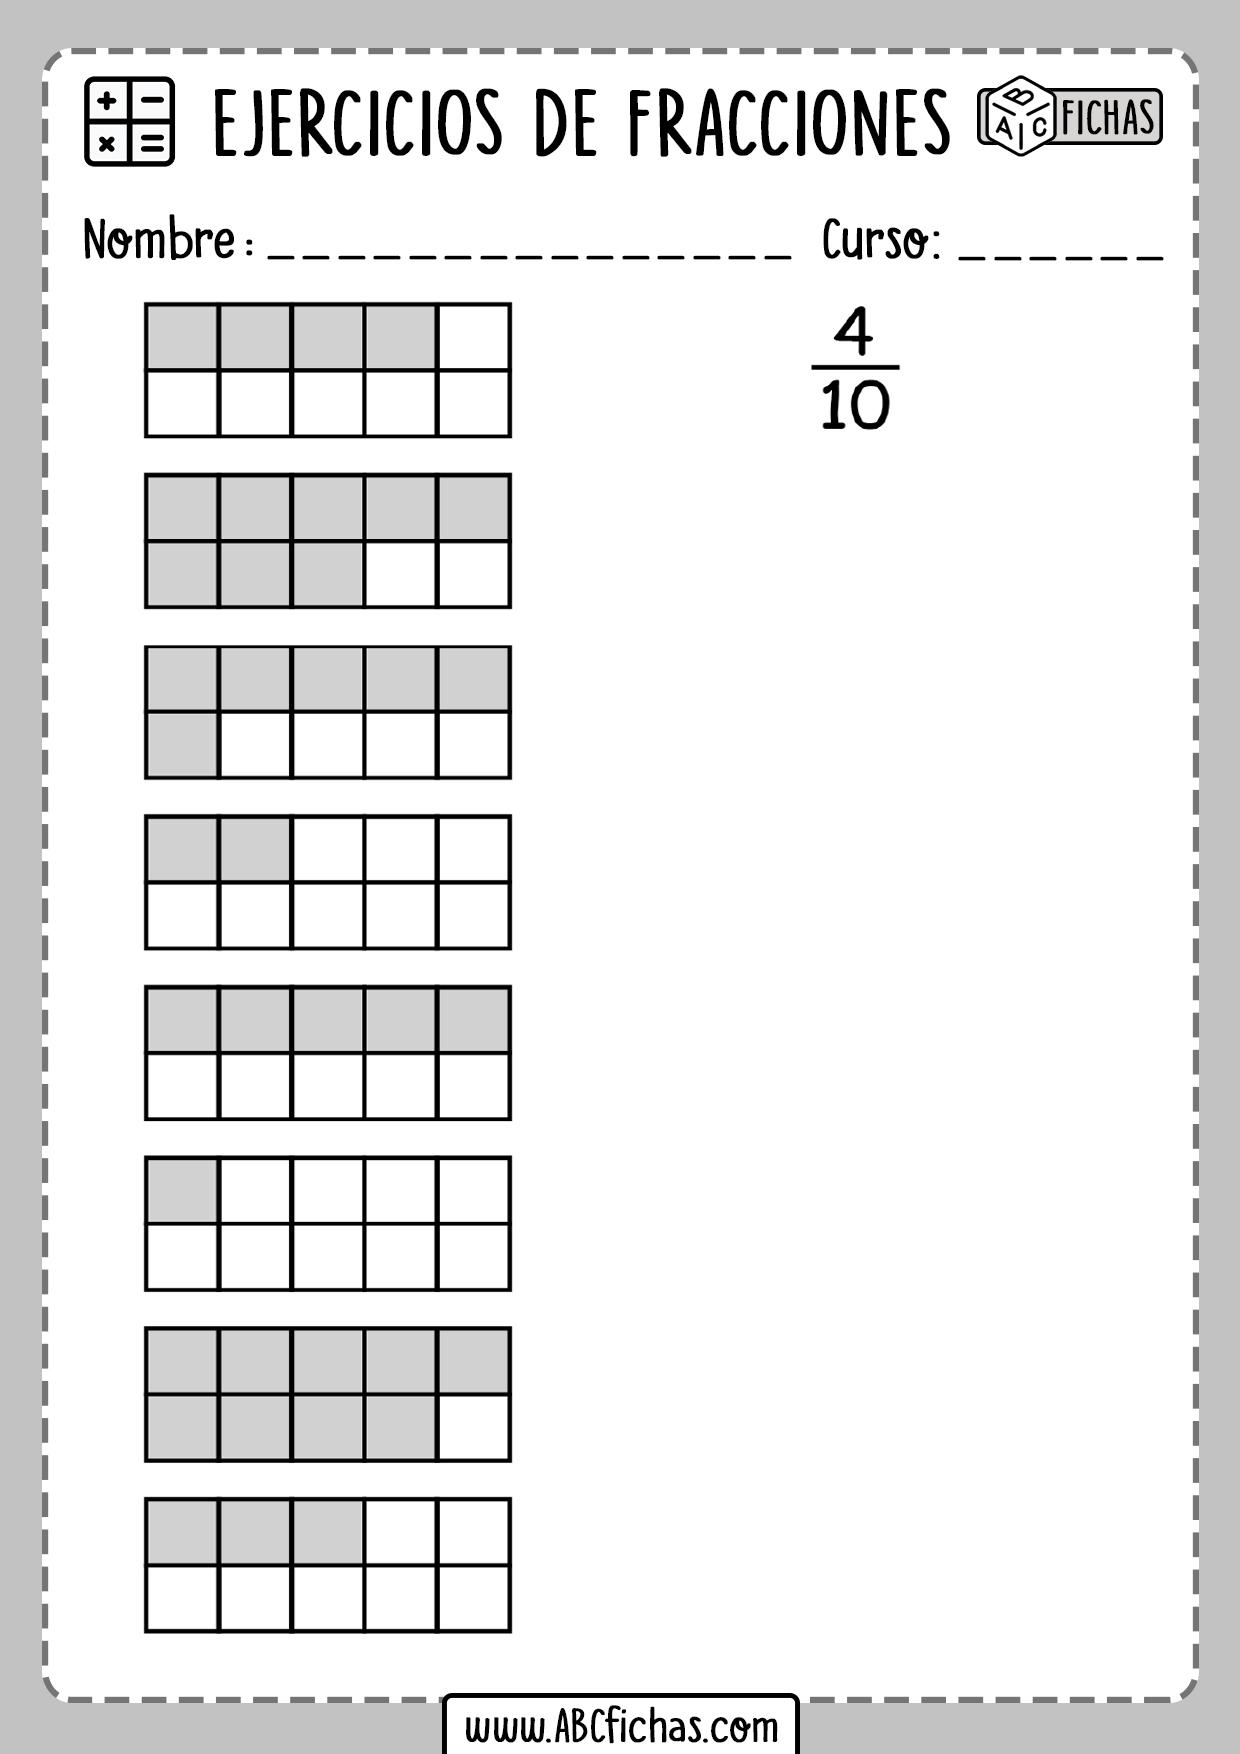 Fracciones ejercicios primaria